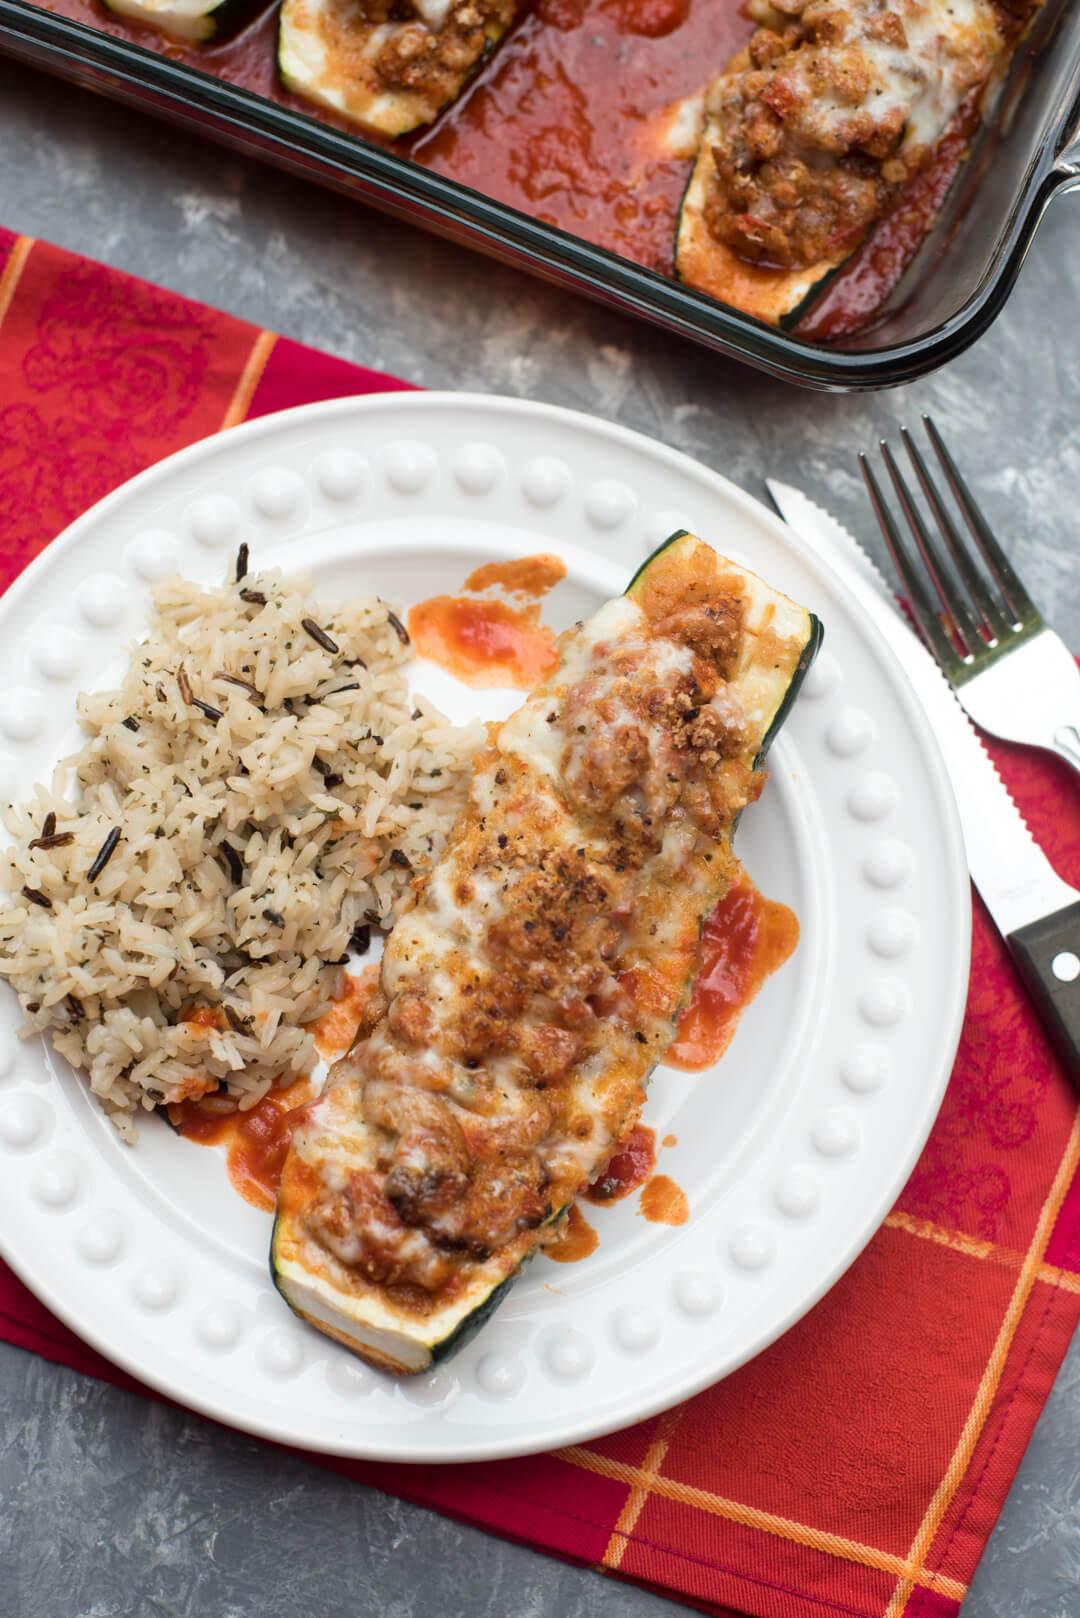 Leonora's favorite recipe, or should I say my favorite recipe that she made, was Zucchine Ripena or Stuffed Zucchini - Delizioso!